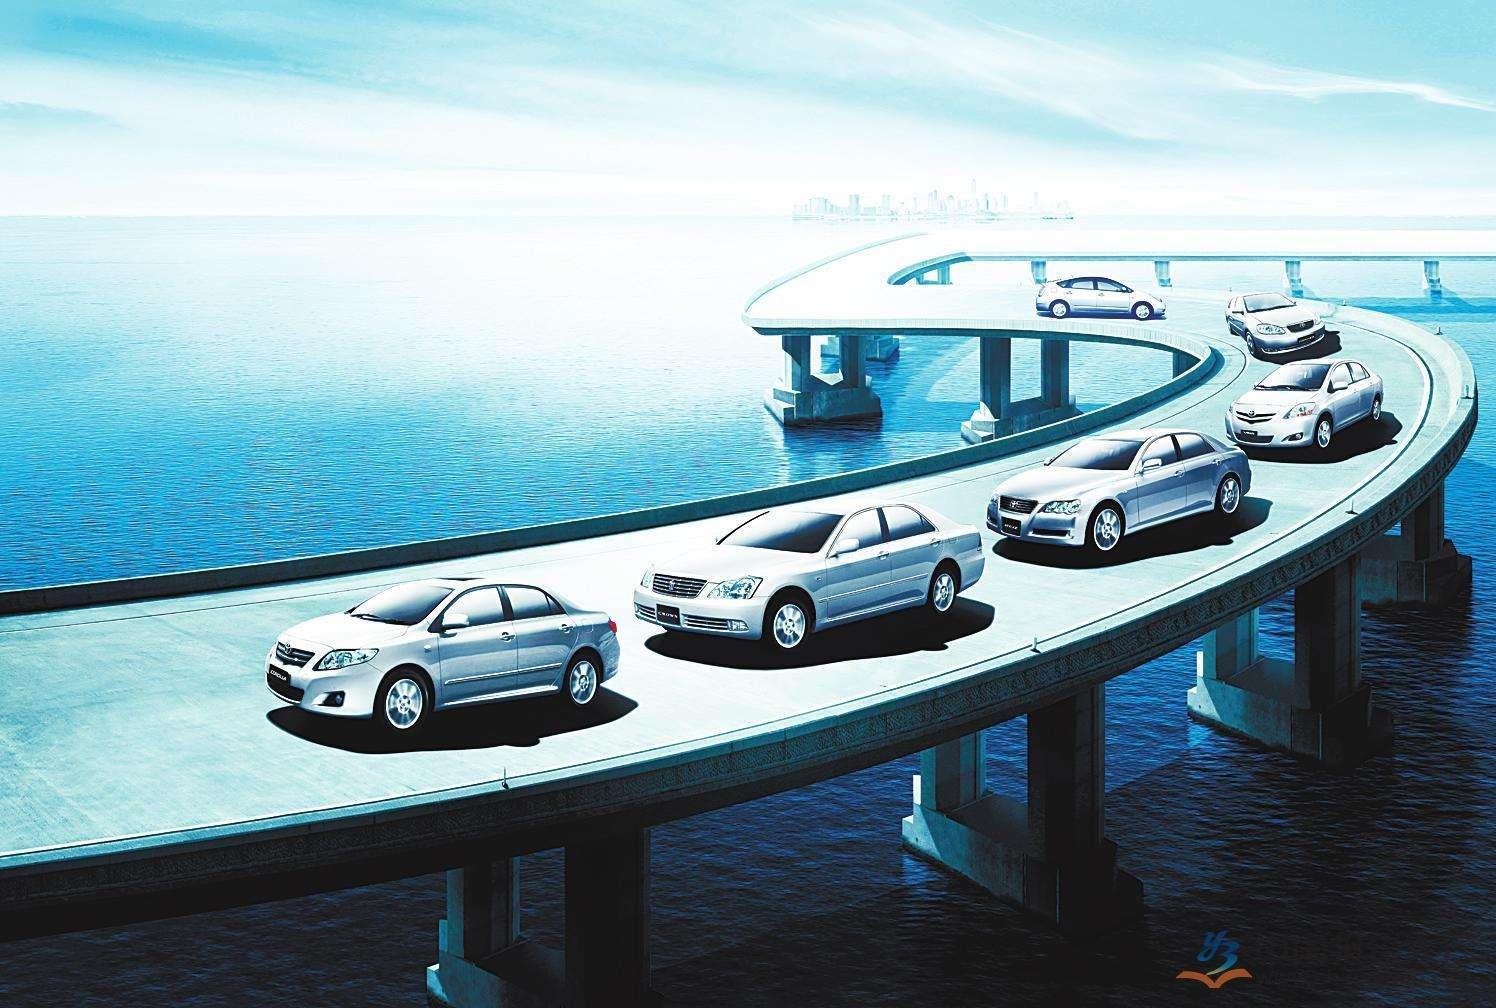 德国经济部提议发放50亿欧元补贴刺激车市